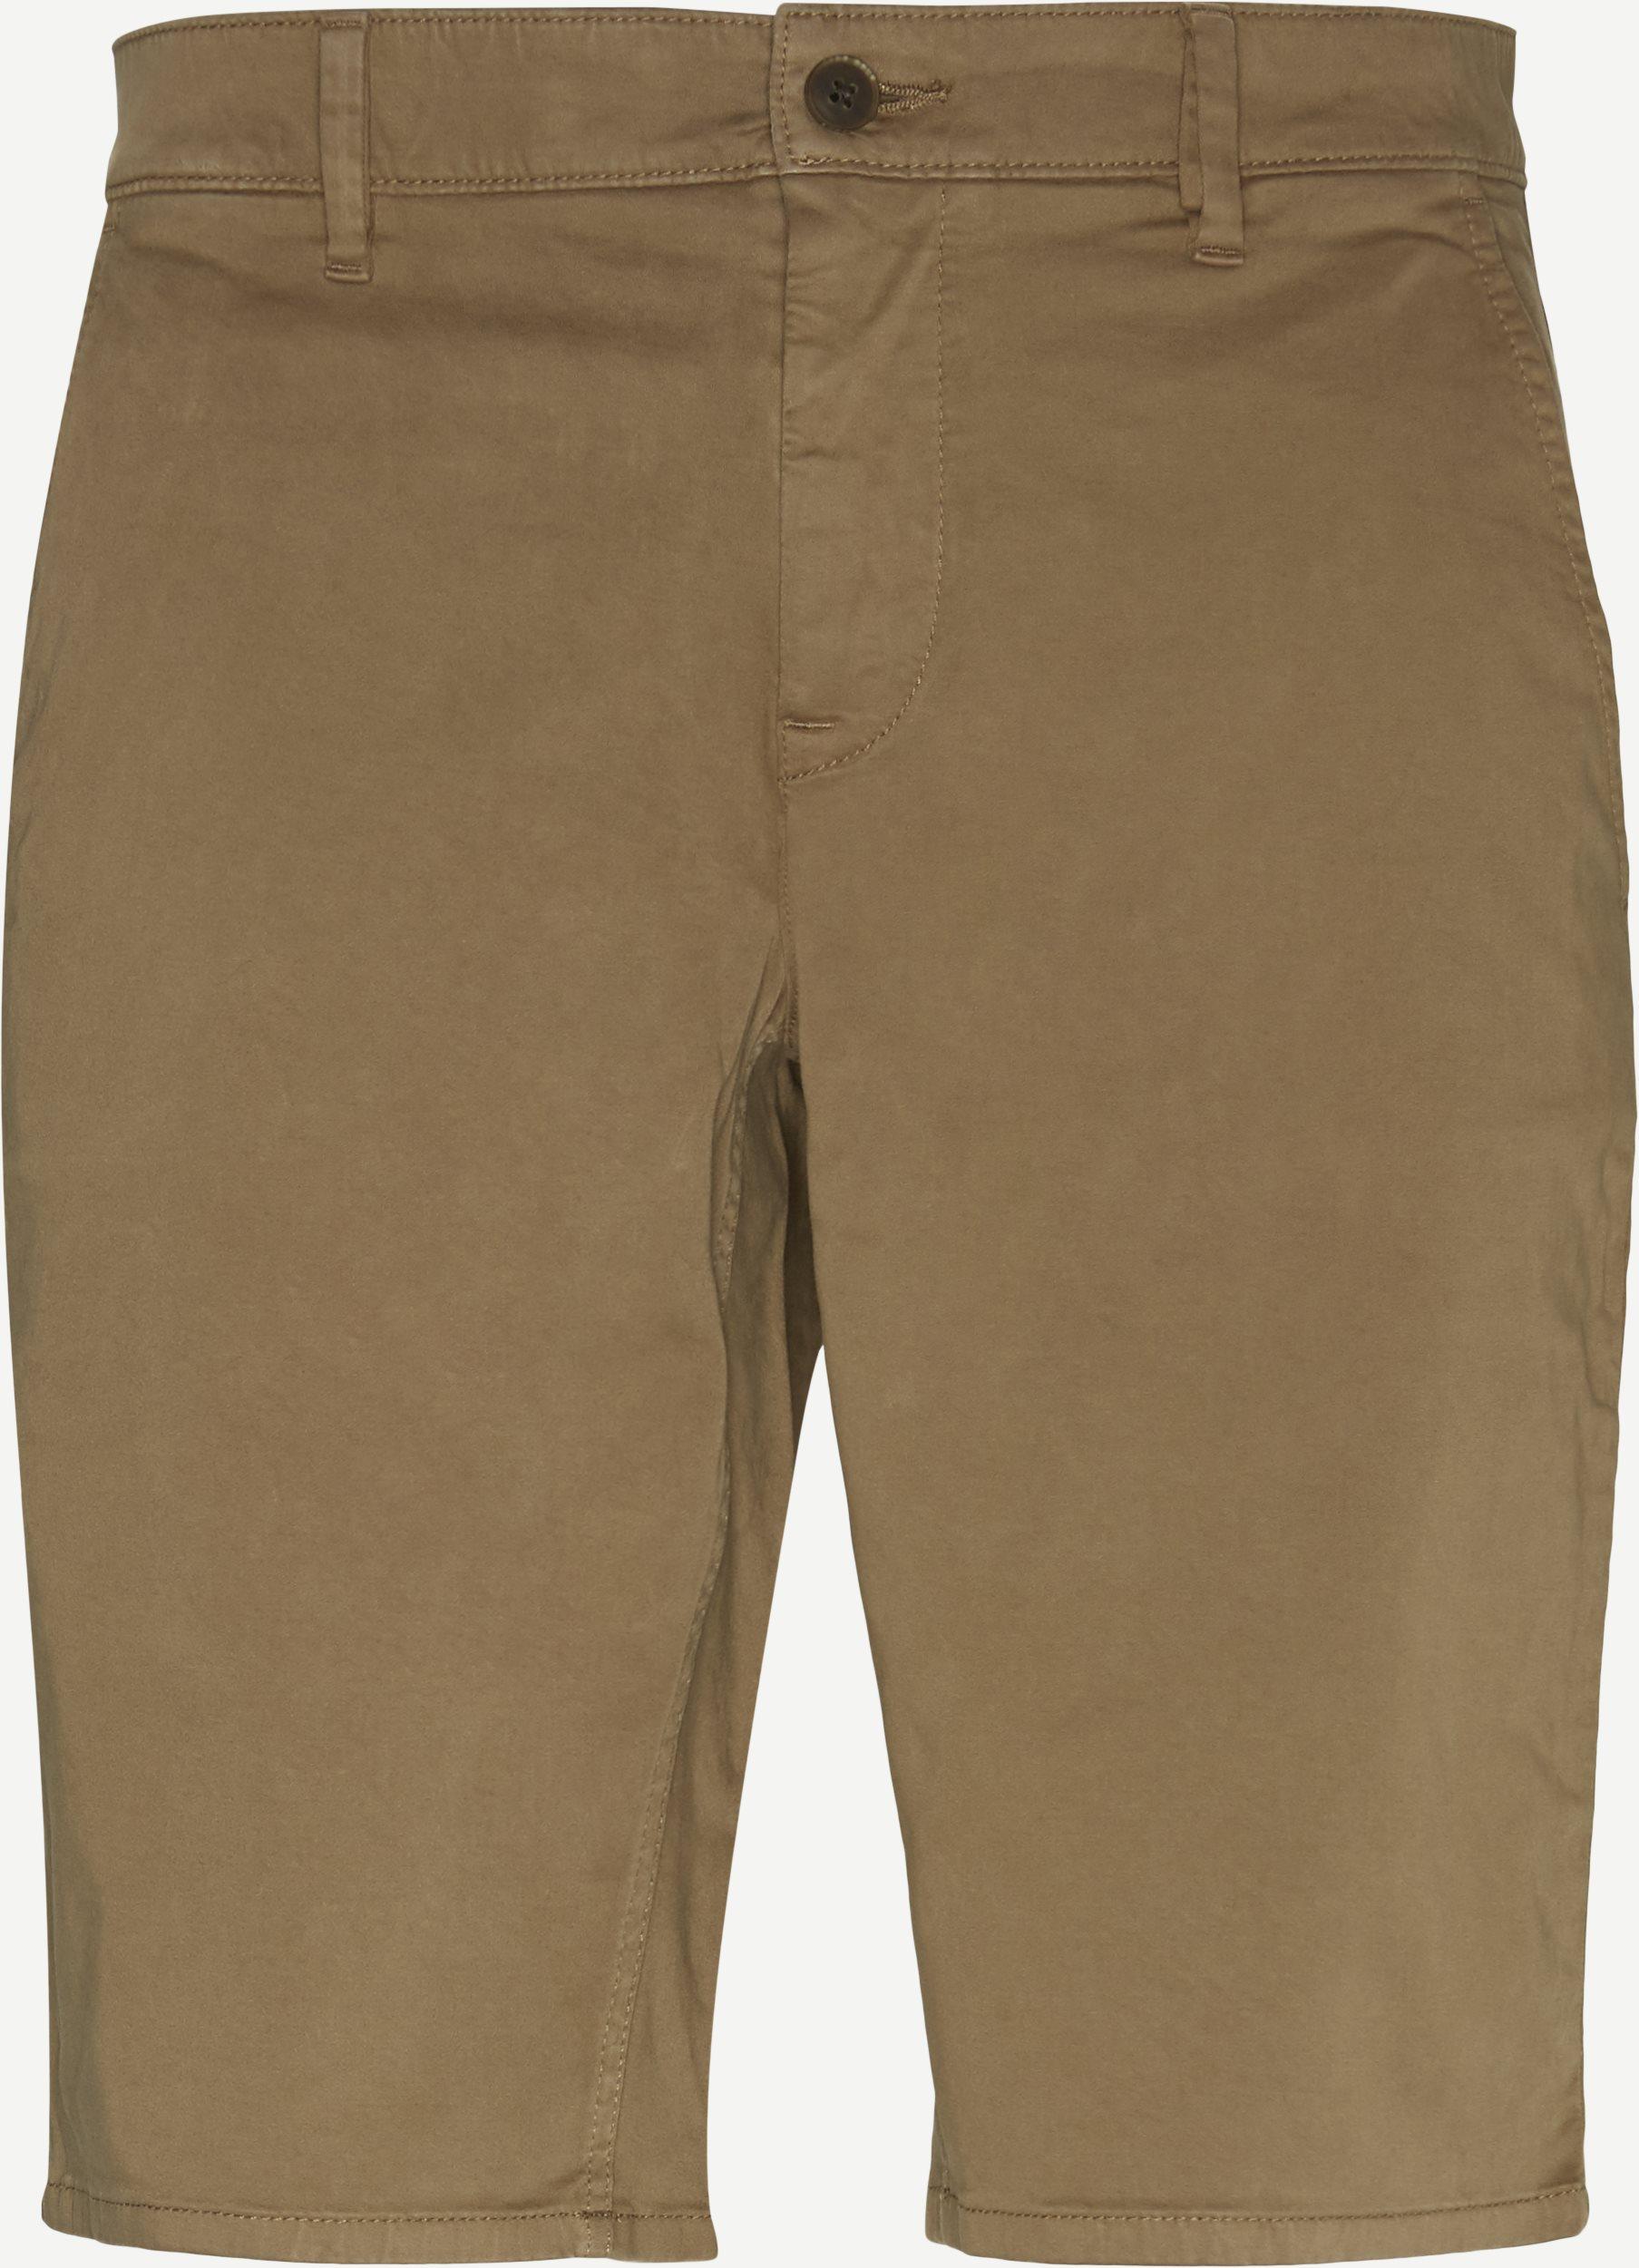 Schino-Slim Shorts - Shorts - Slim - Brun